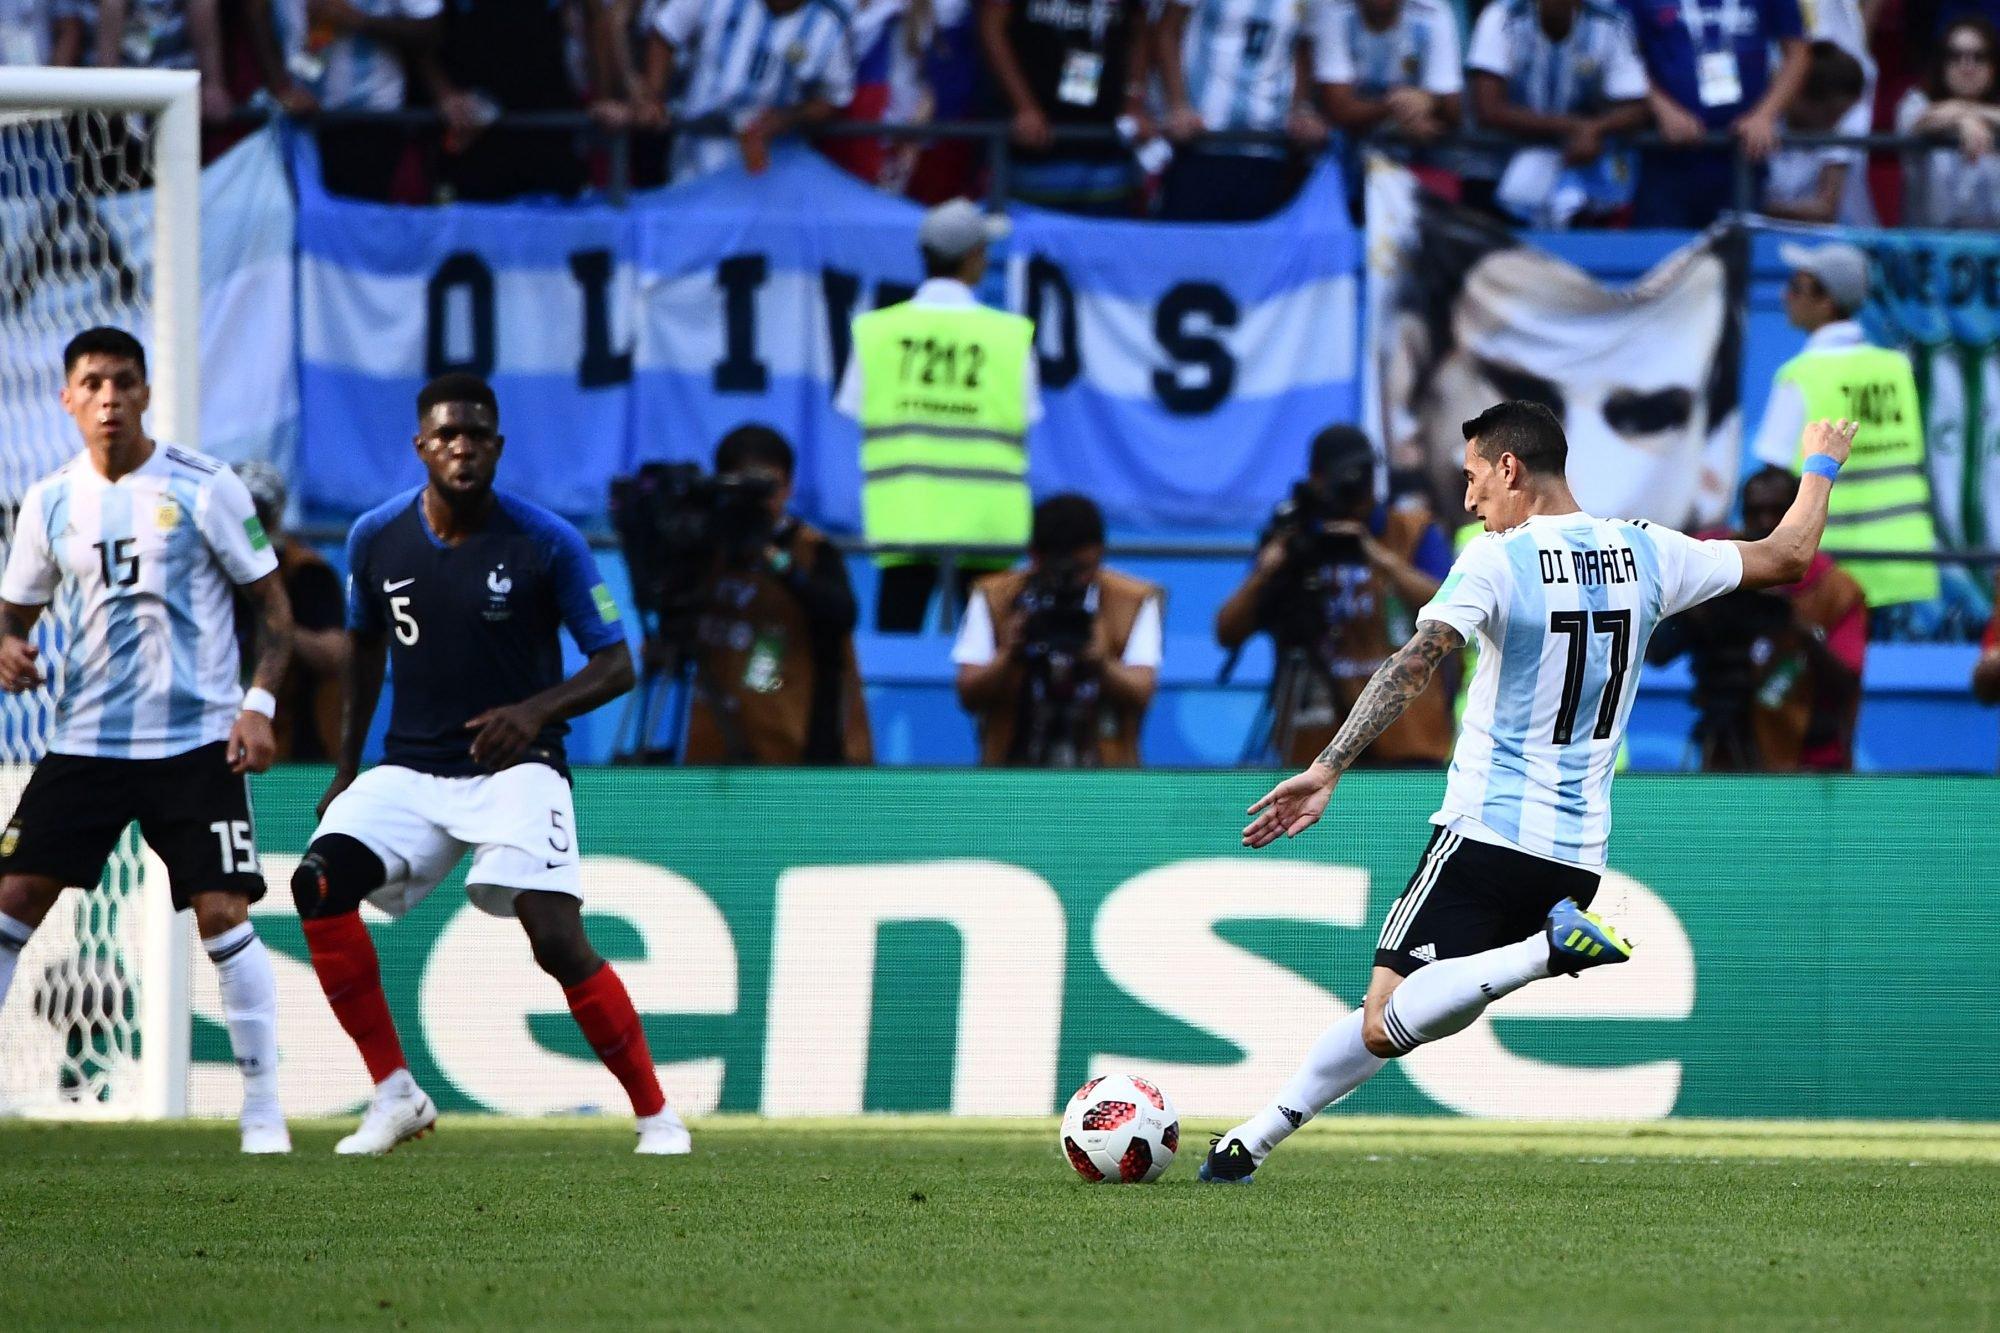 O golo de Angel Di María na primeira parte do França-Argentina é o que de  mais longe em relação à baliza foi marcado em todo o Mundial 2018 até agora. 979d54a67fc66